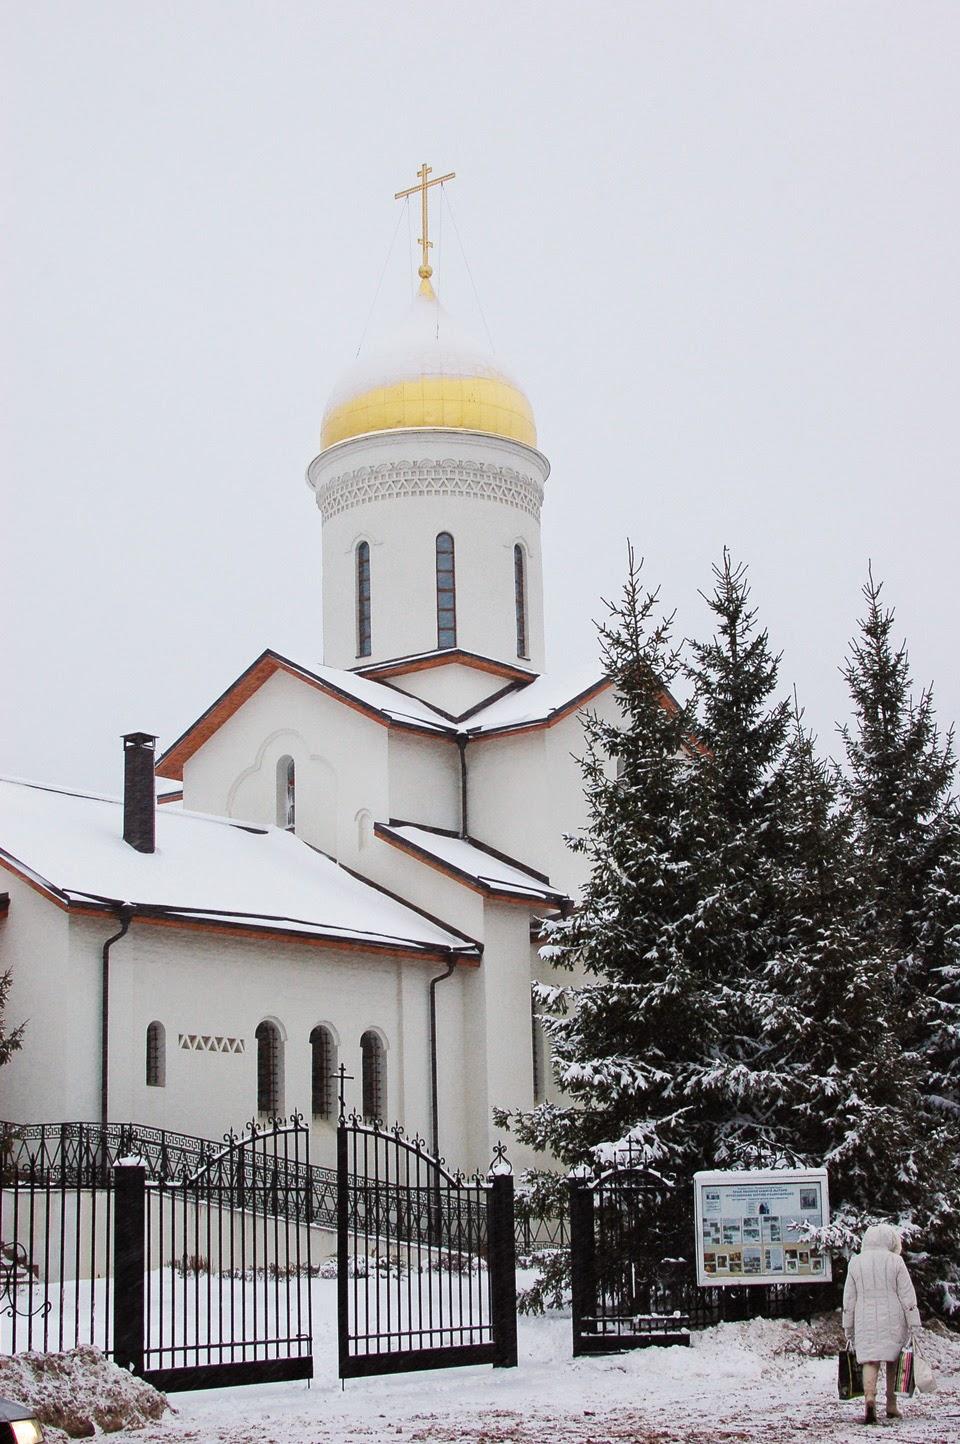 Храм Явления Божьей Матери Преподобному Сергию Радонежскому